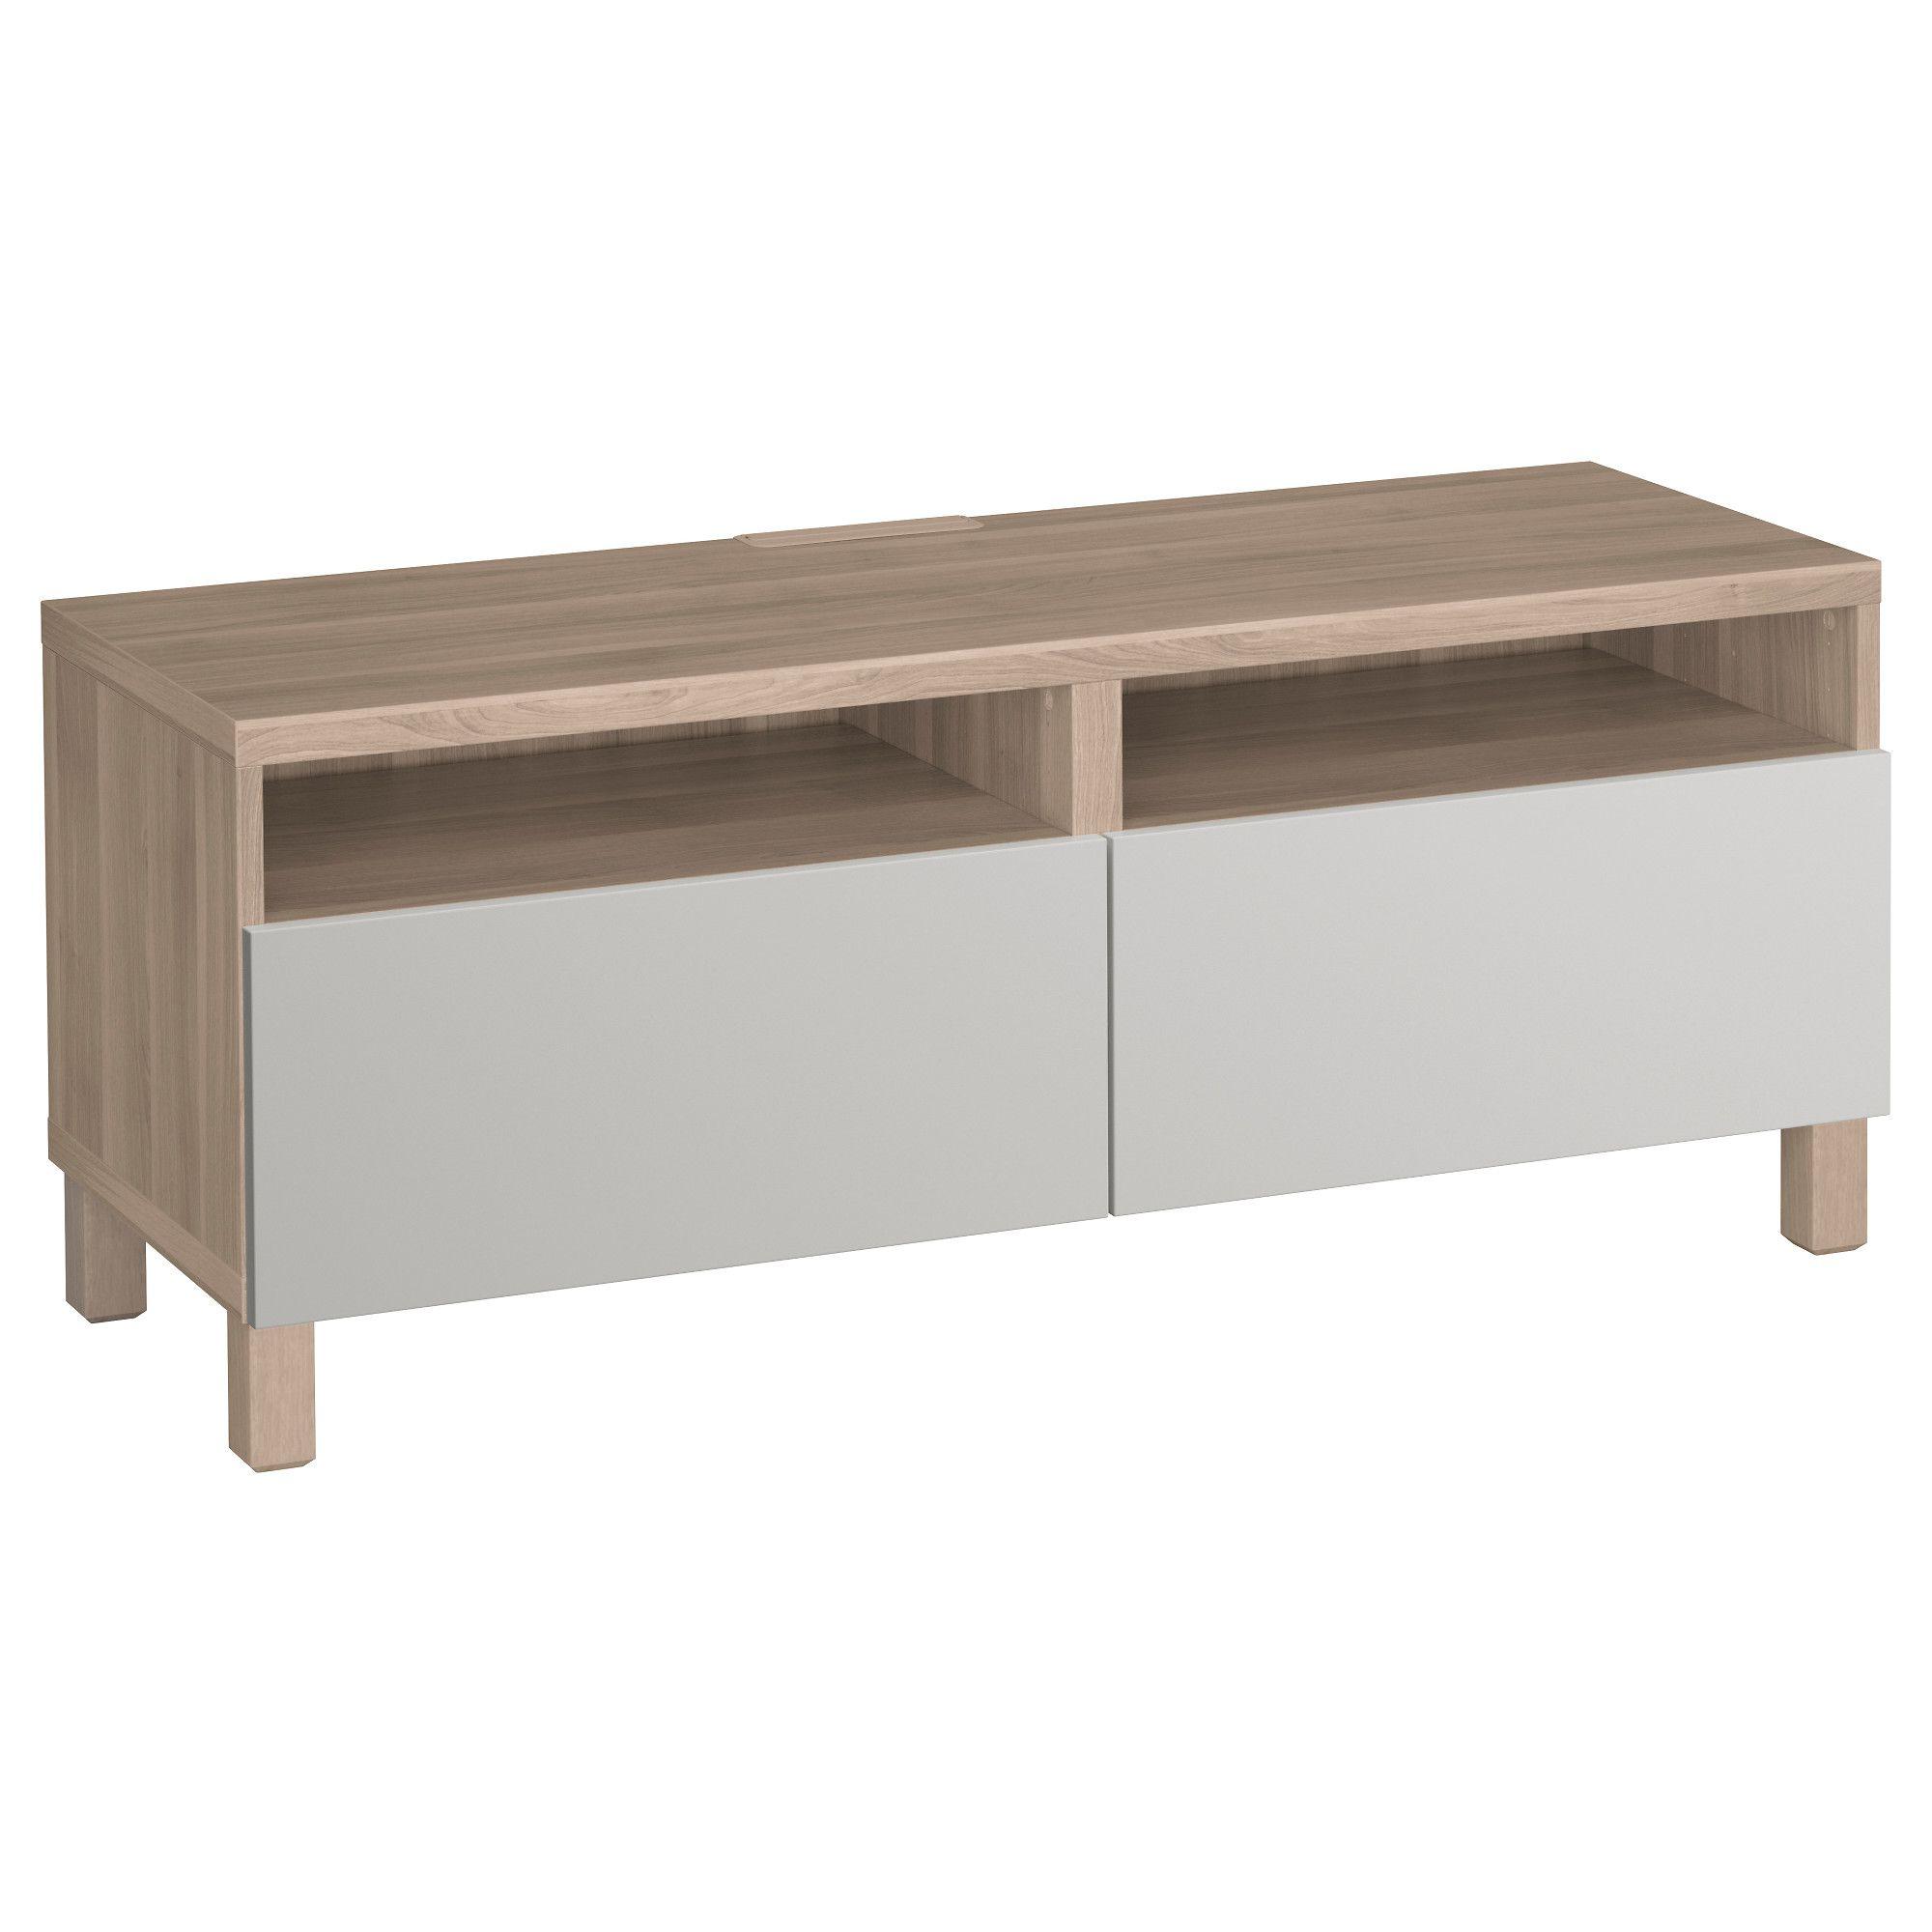 Full Size of Ikea Sitzbank Bank Grau Küche Kaufen Mit Lehne Garten Betten 160x200 Bett Bei Schlafzimmer Kosten Modulküche Sofa Schlaffunktion Miniküche Bad Wohnzimmer Ikea Sitzbank